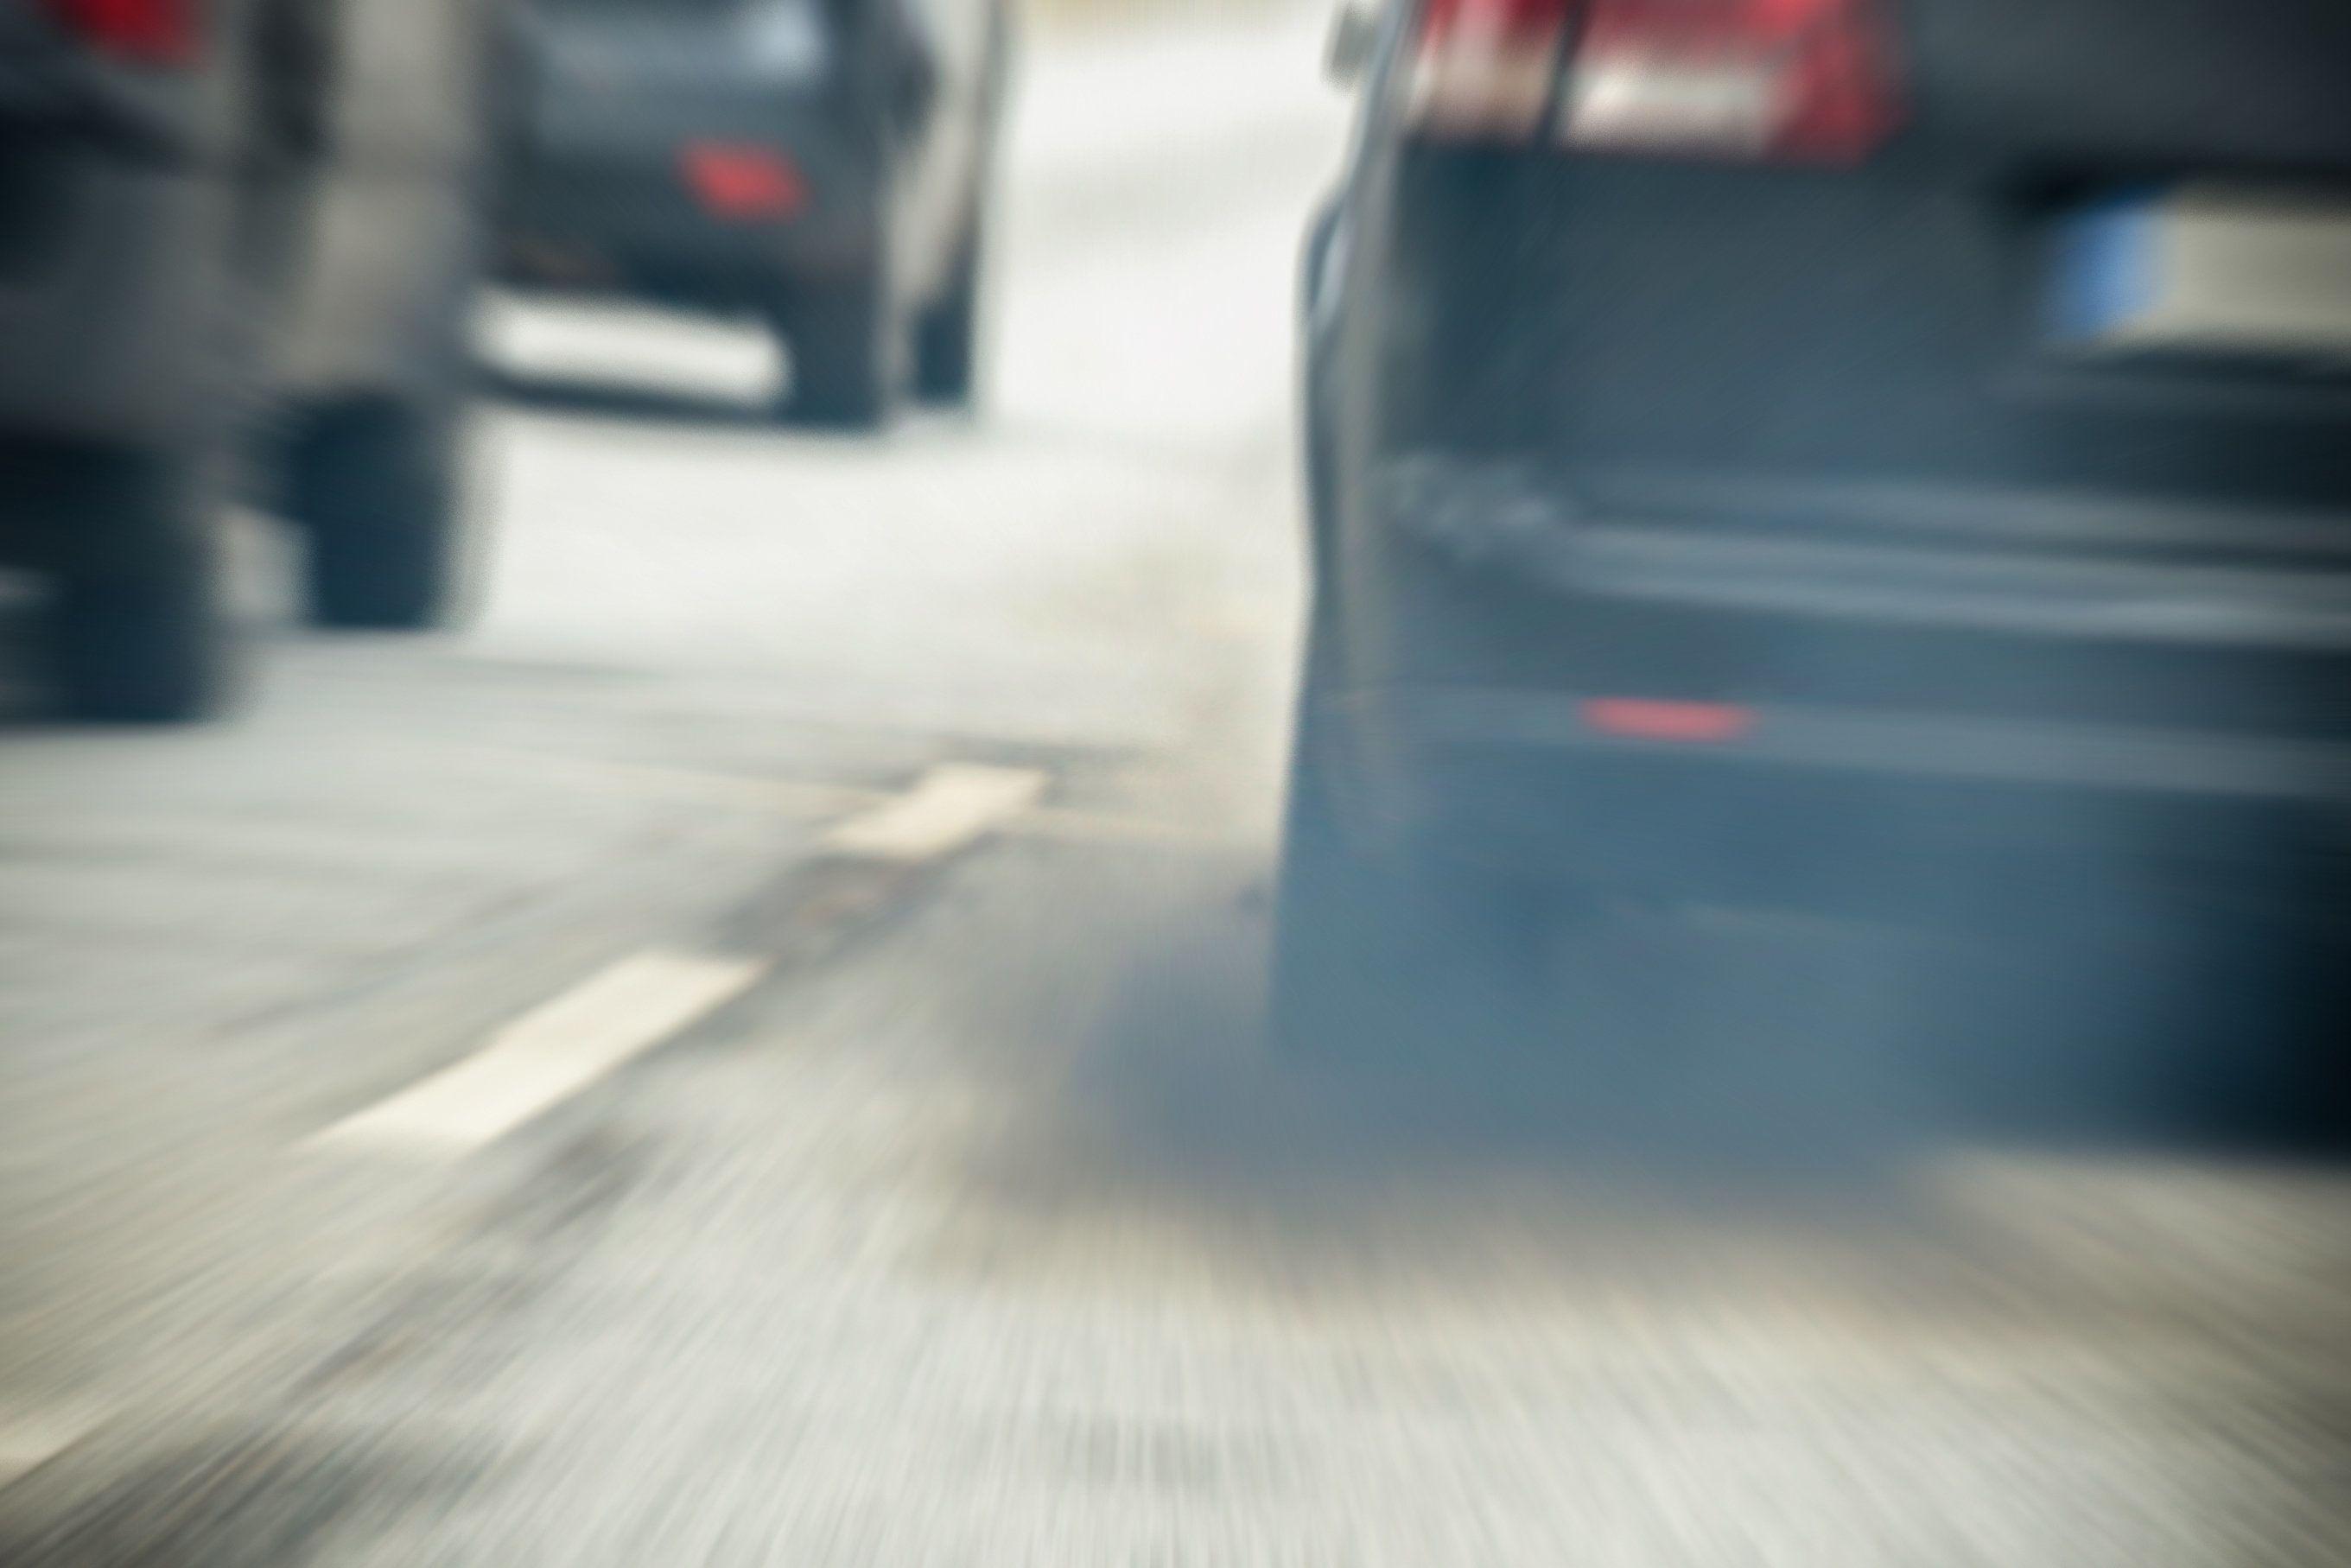 Πειράματα εκπομπής ρύπων σε ανθρώπους: Κυρώσεις υπόσχεται η Volkswagen, η θέση των Daimler και